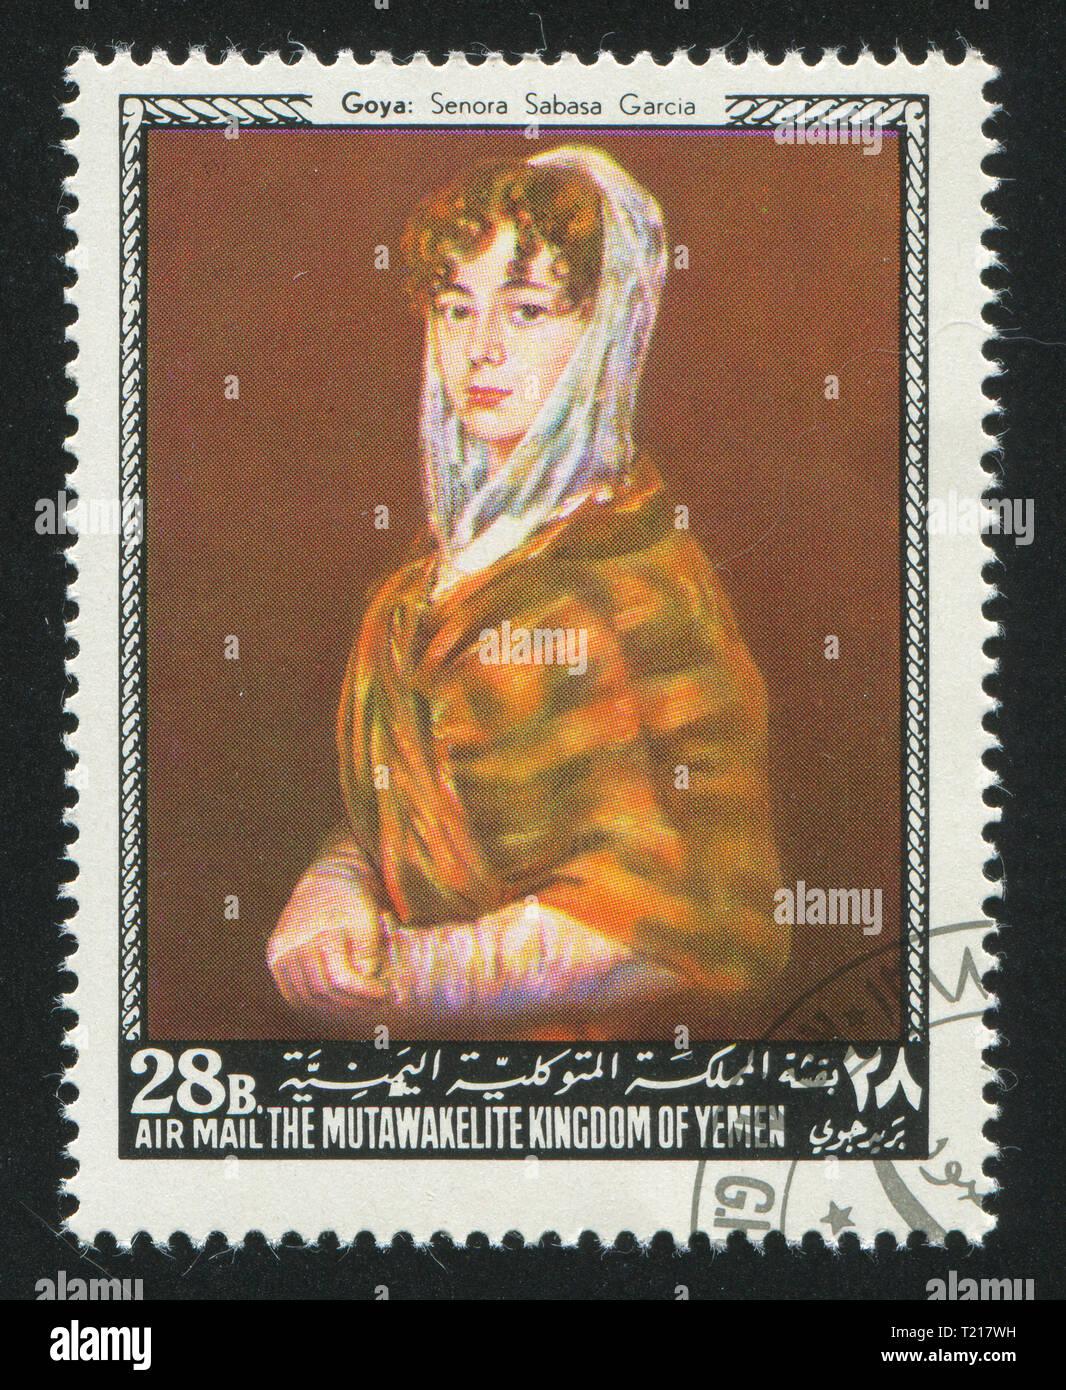 YEMEN - CIRCA 1972: stamp printed by Yemen, shows Senora Sabasa Garcia by Goya, circa 1972 - Stock Image